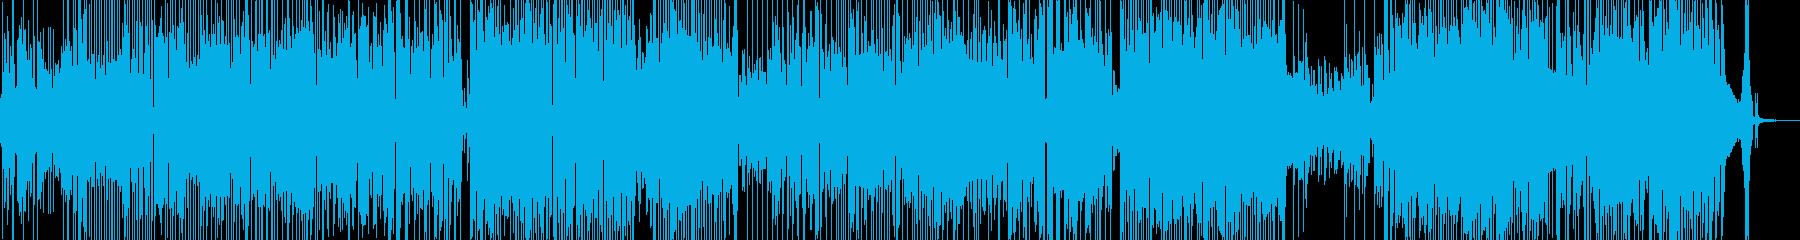 前向きで明るい気持ちになるジャズ 長尺の再生済みの波形